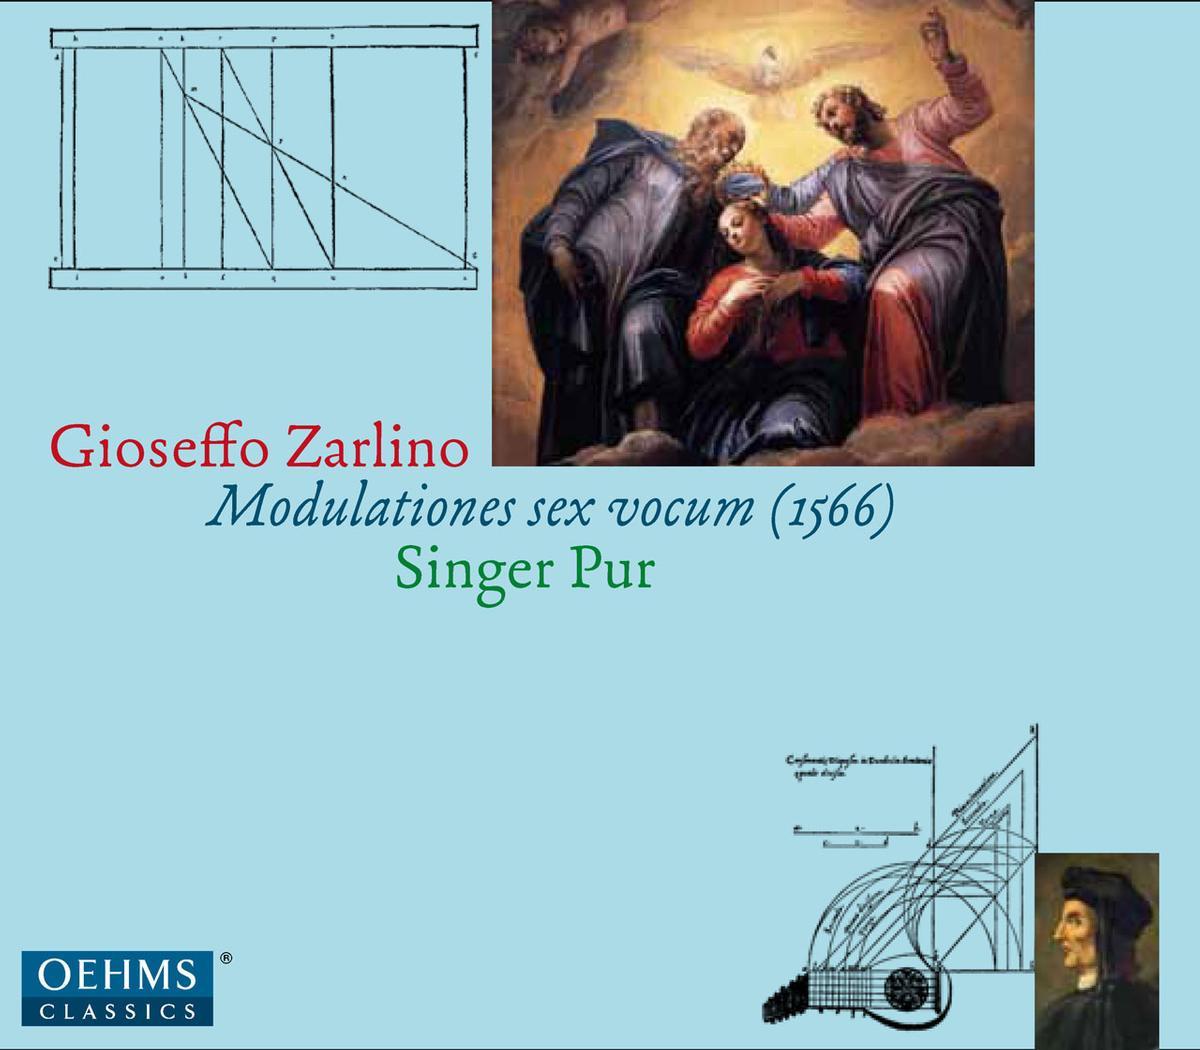 Gioseffo Zarlino, Modulationes